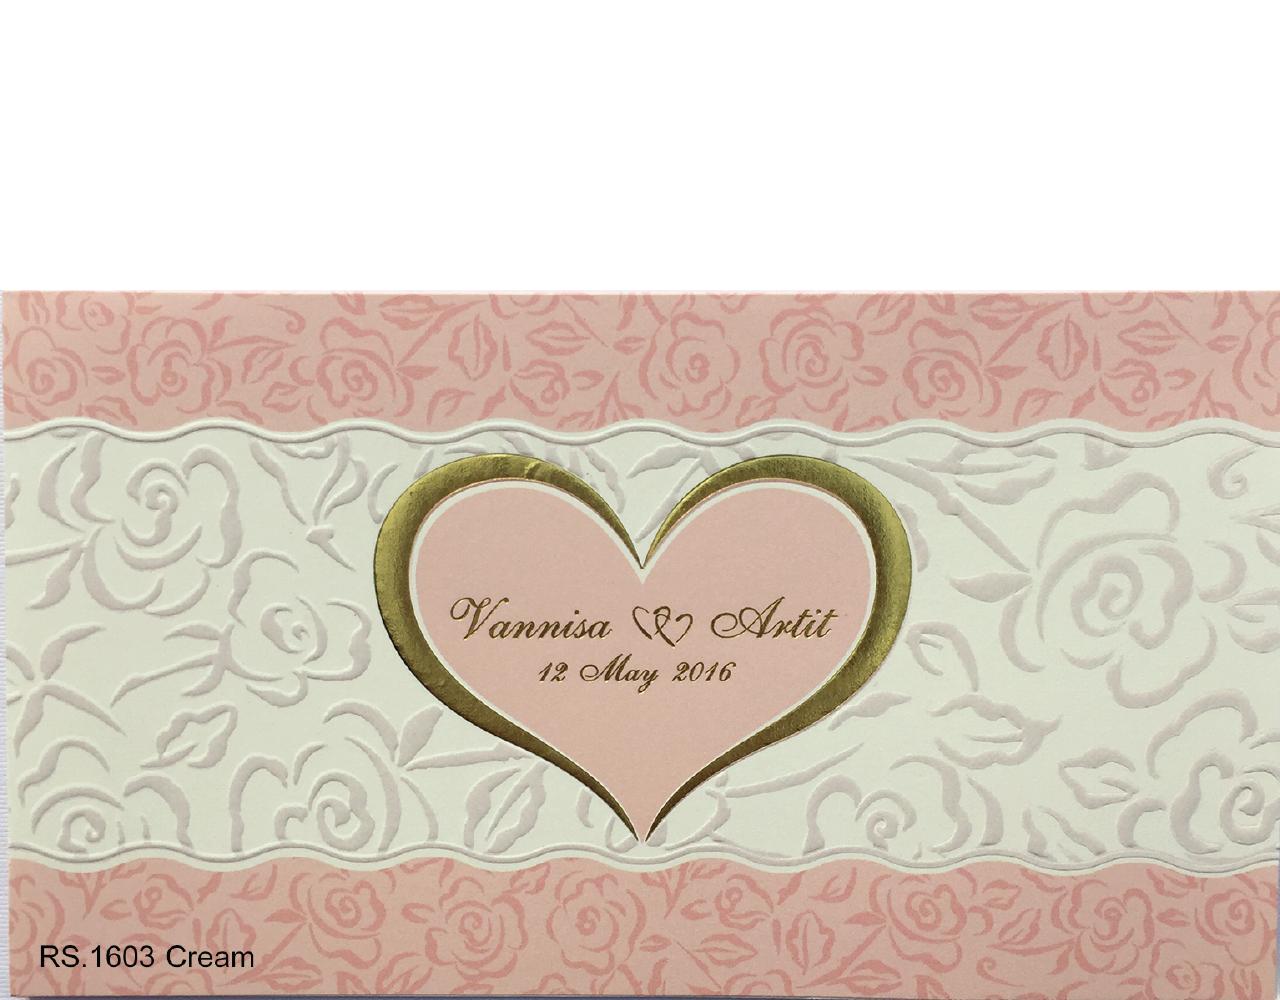 การ์ดแต่งงาน การ์ดเชิญ ราพับาถูก สีชมพู 2 พับ ปั๊มนูน รูปหัวใจ wedding card 4x7.5 inch RS.1603